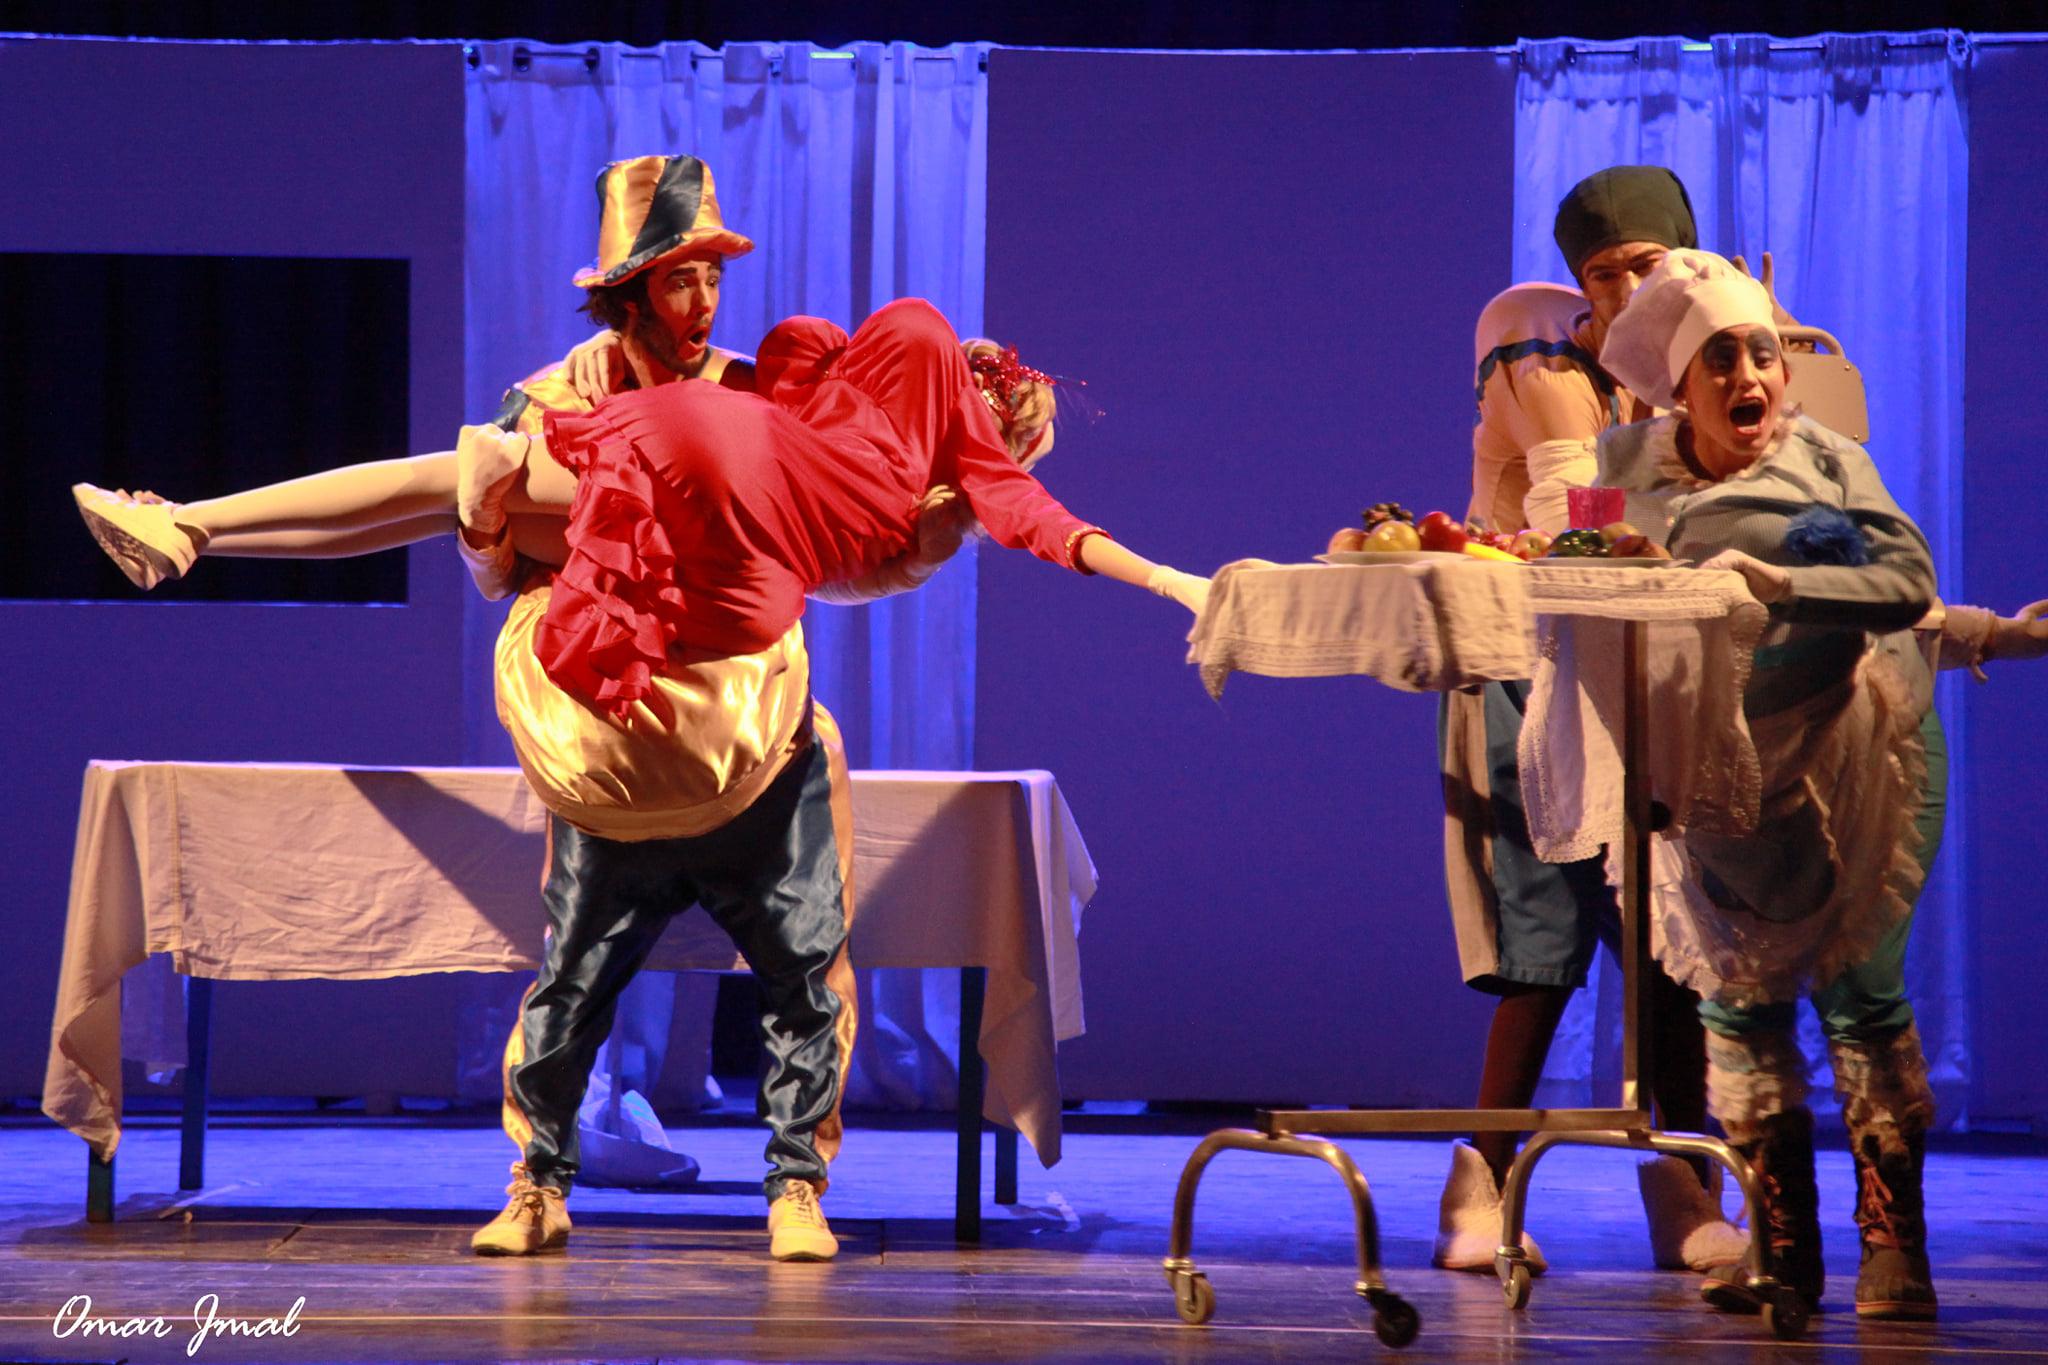 مسرحية الزردة لجمعية مسرح بلا حدود بصفاقس جاهزة للعرض